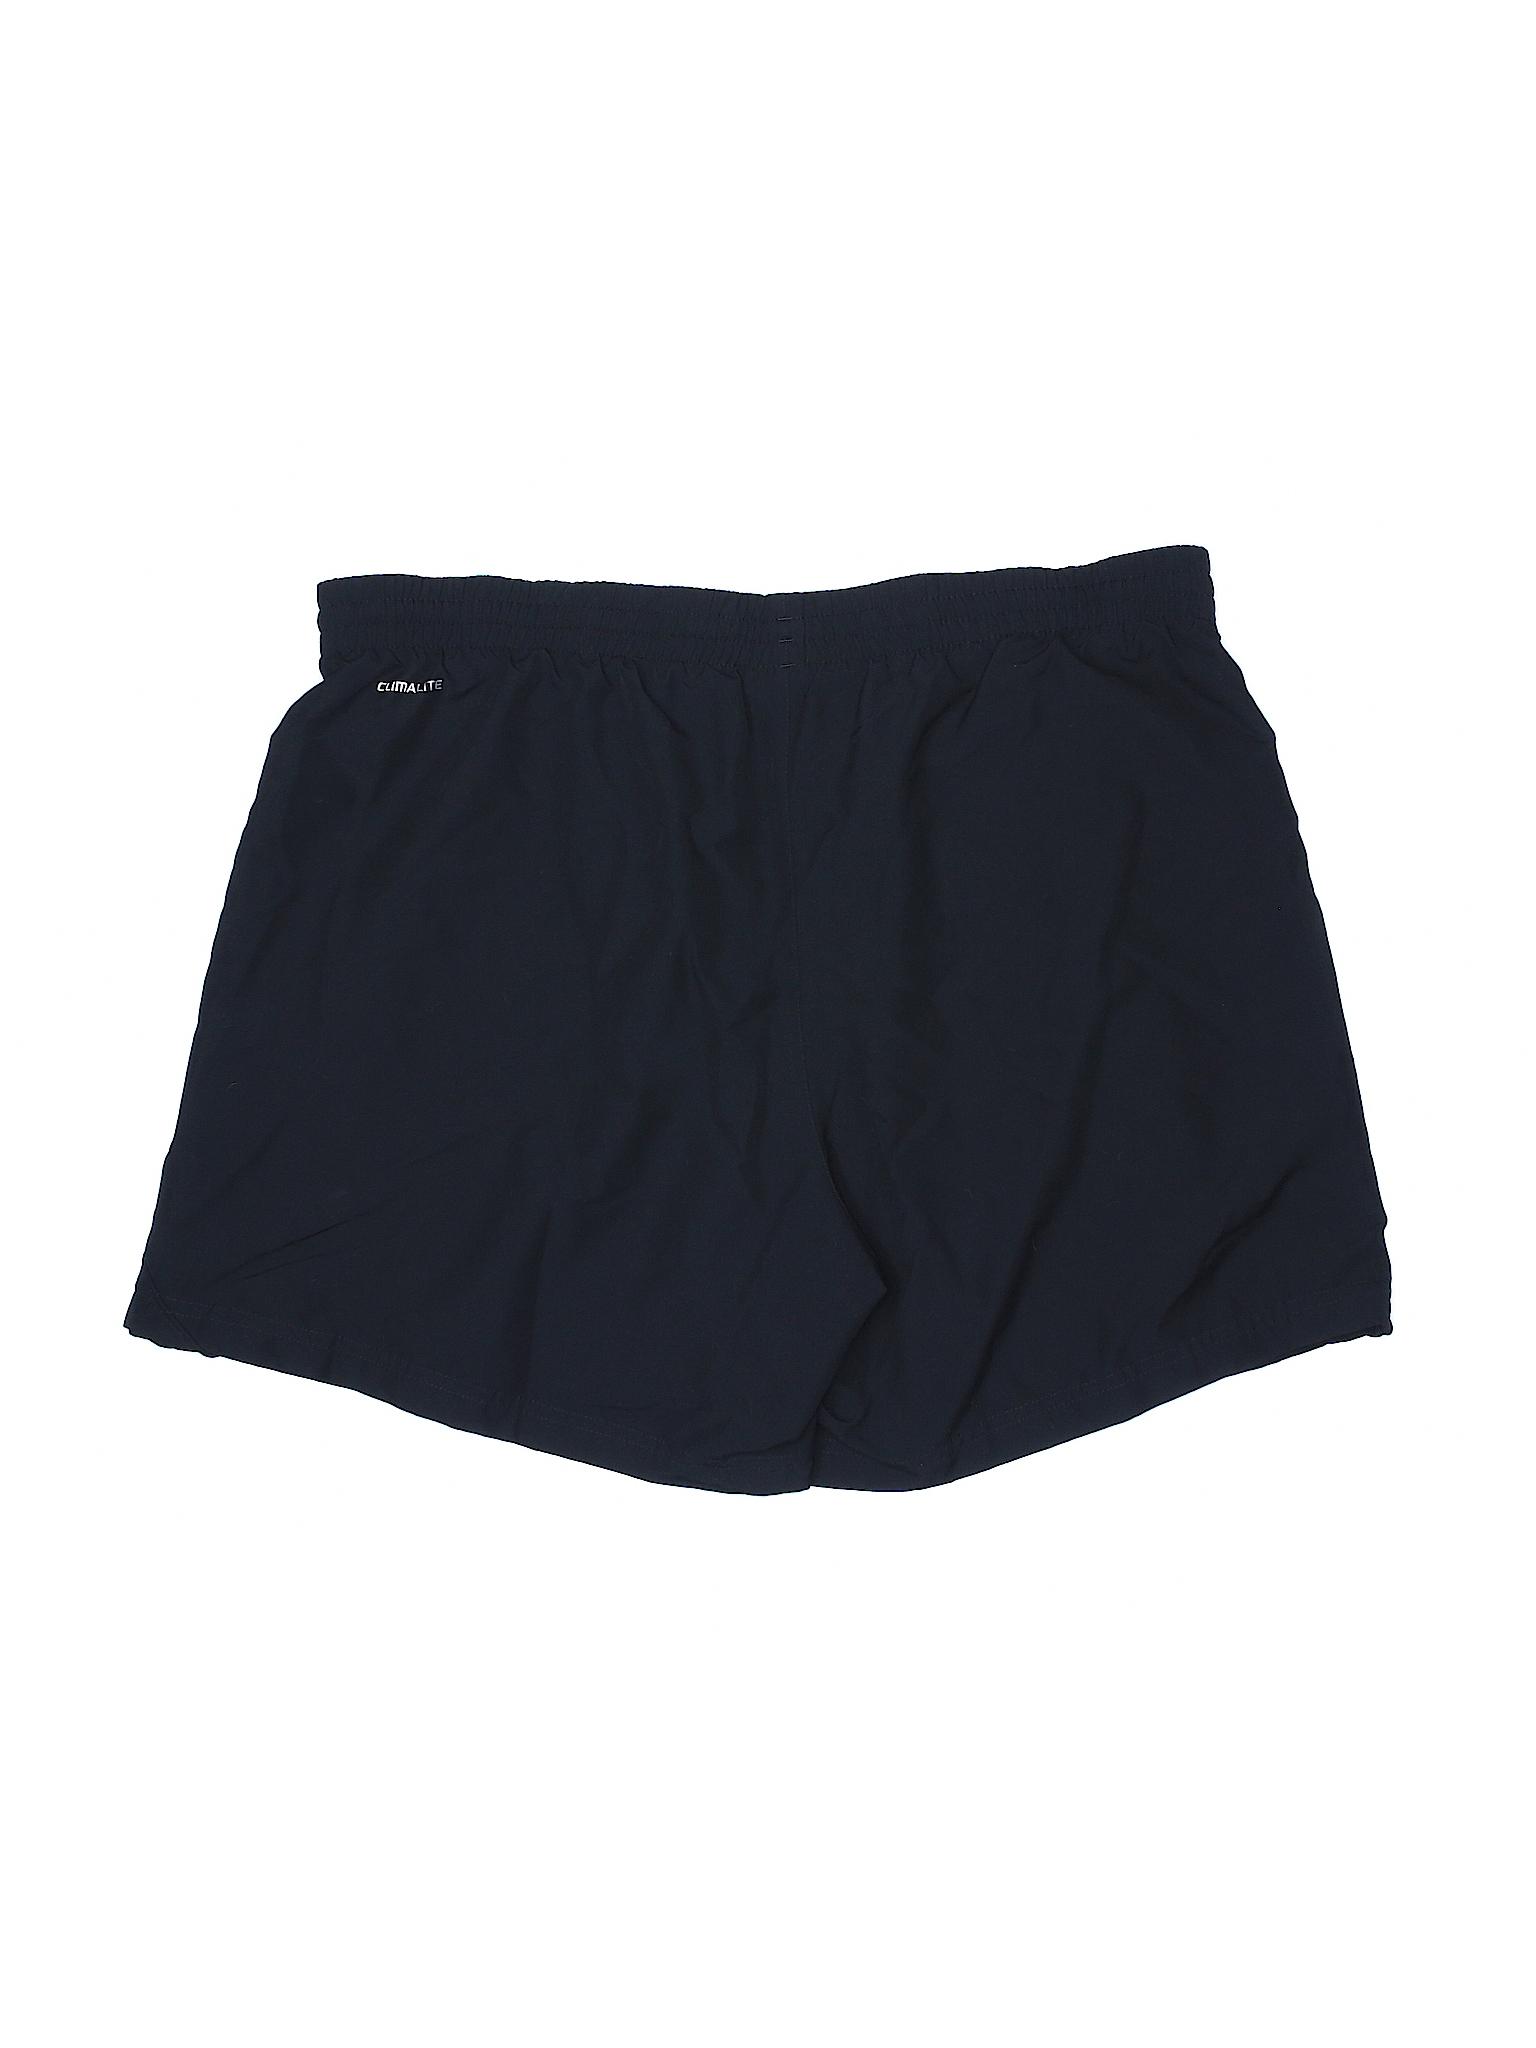 Boutique Athletic Athletic Shorts Boutique Athletic Adidas Athletic Adidas Shorts Boutique Shorts Adidas Boutique Adidas Shorts SAwx1qSr